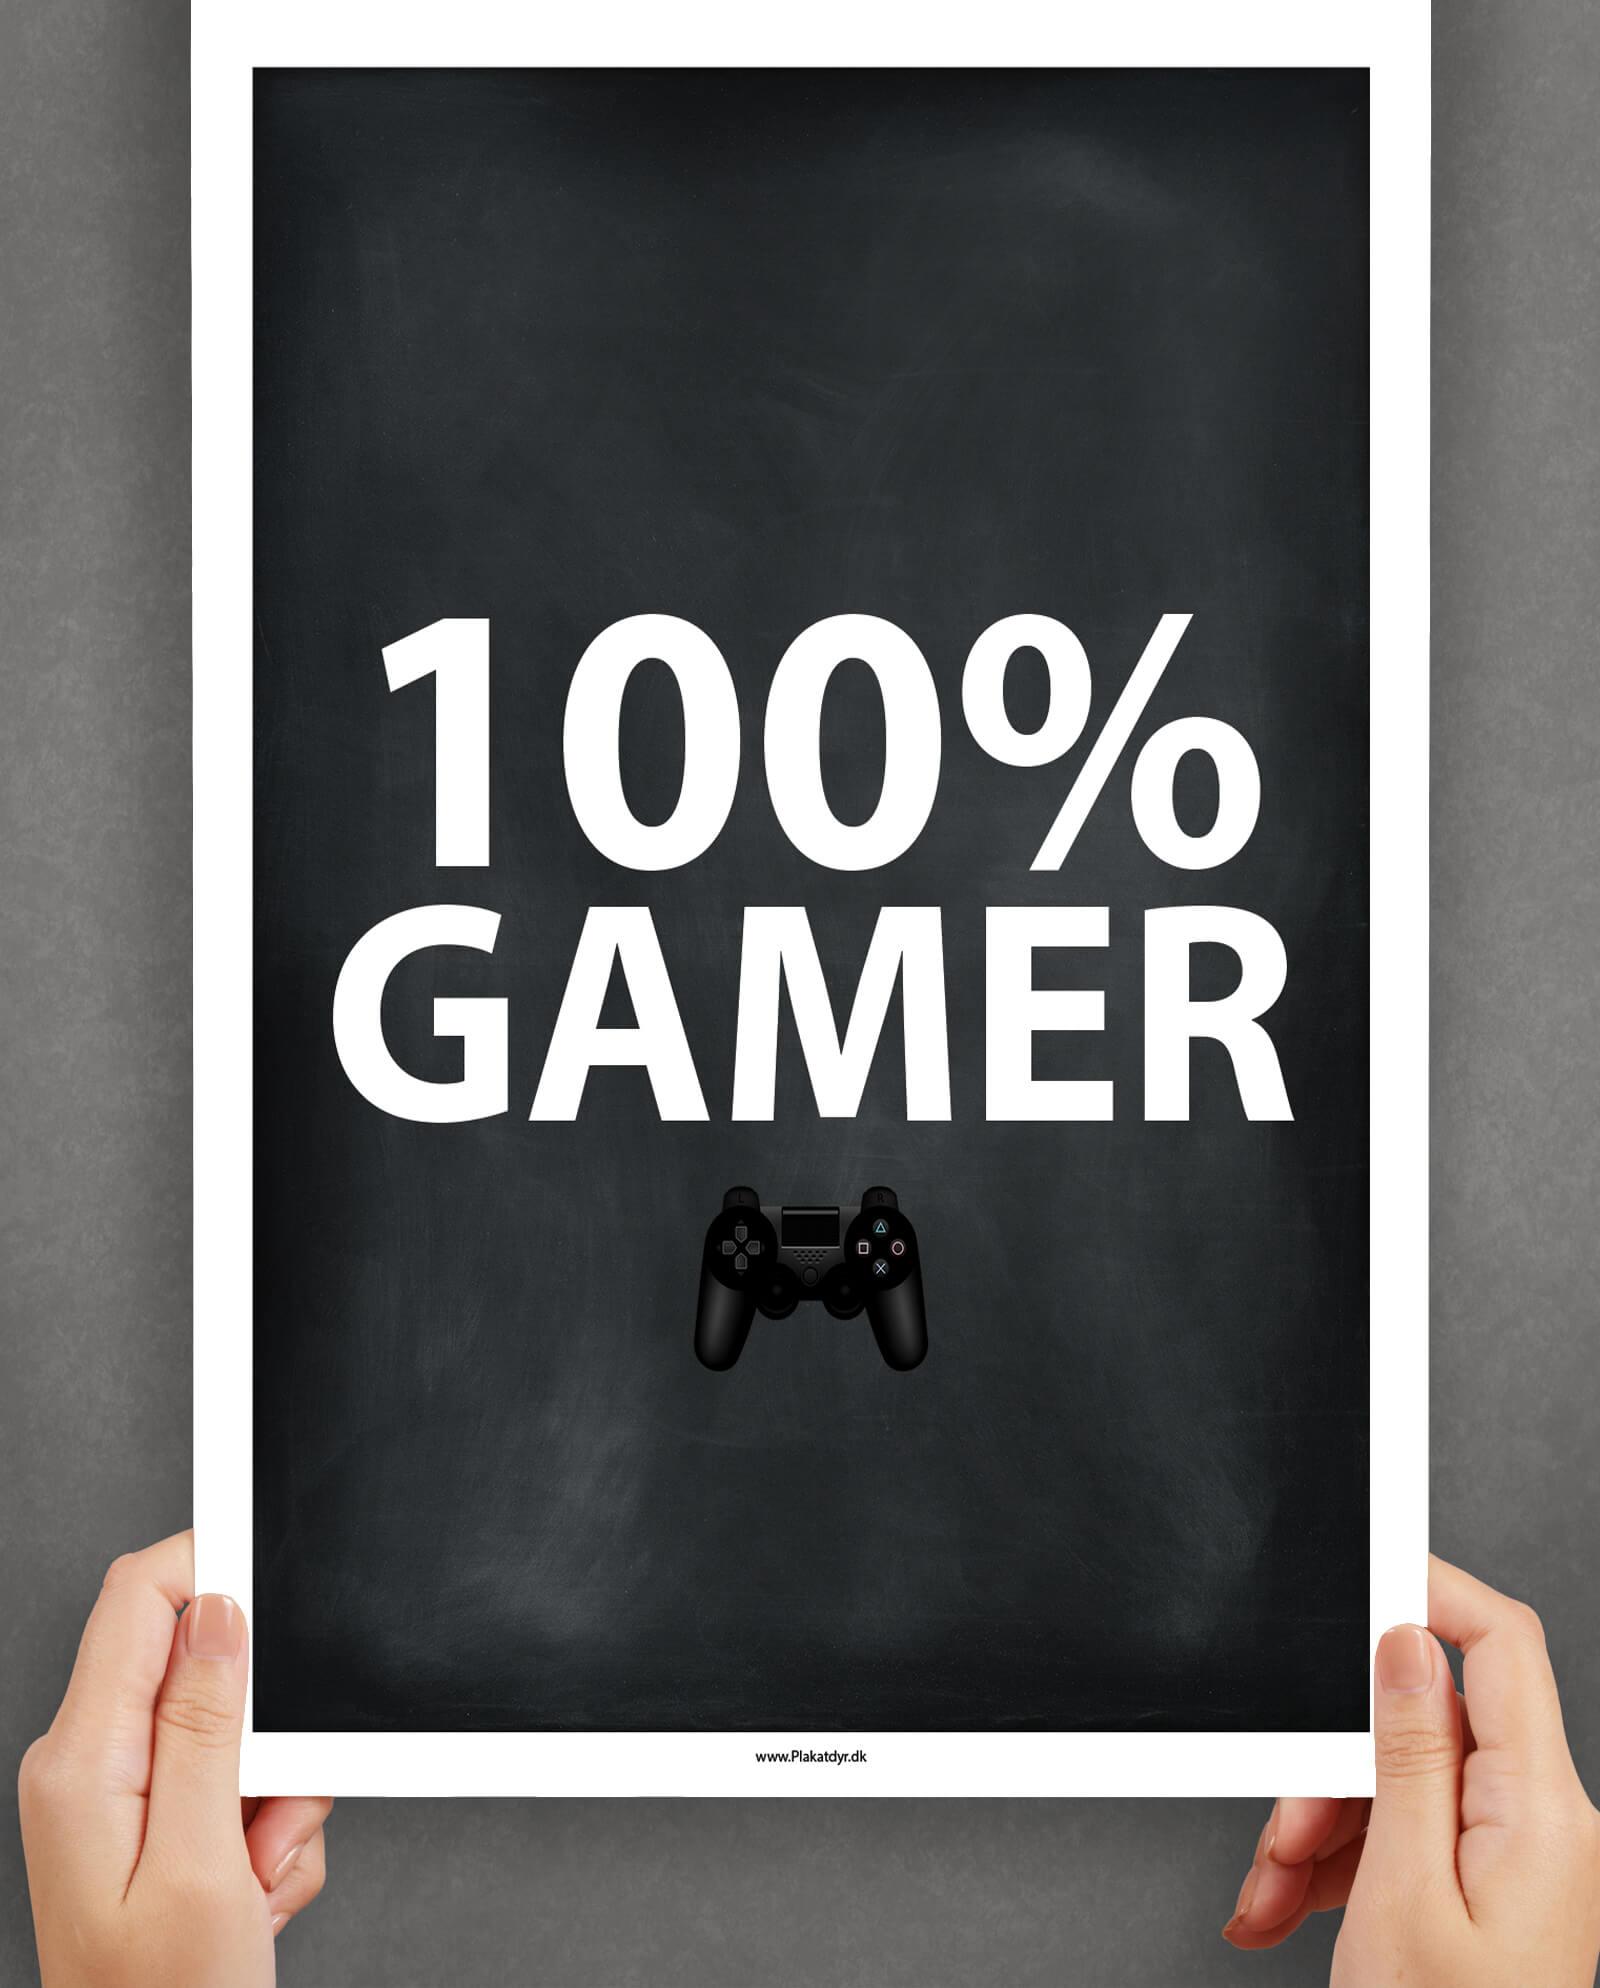 100-gamer-sort-3